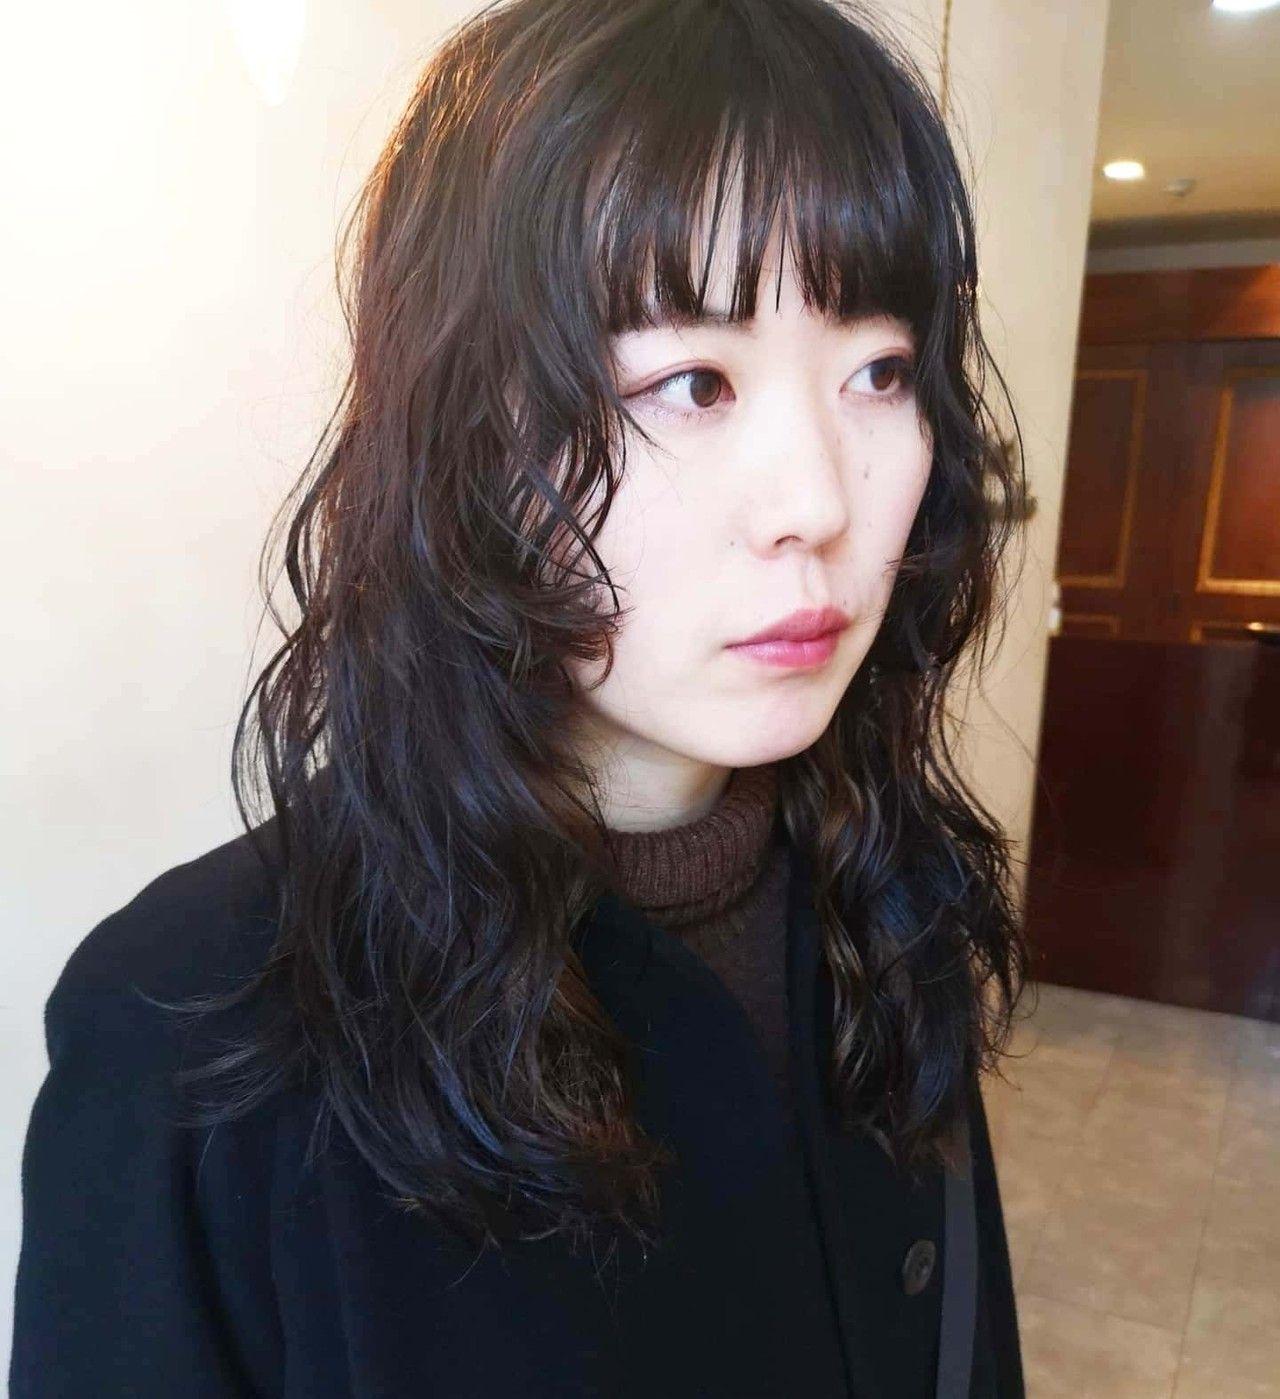 ウルフパーマ セミロング ウルフ ウルフカット Hair S Lunetta 心斎橋 Yusuke Matsumoto 544397 Hair セミロング パーマ ロングウルフ ウルフ カット